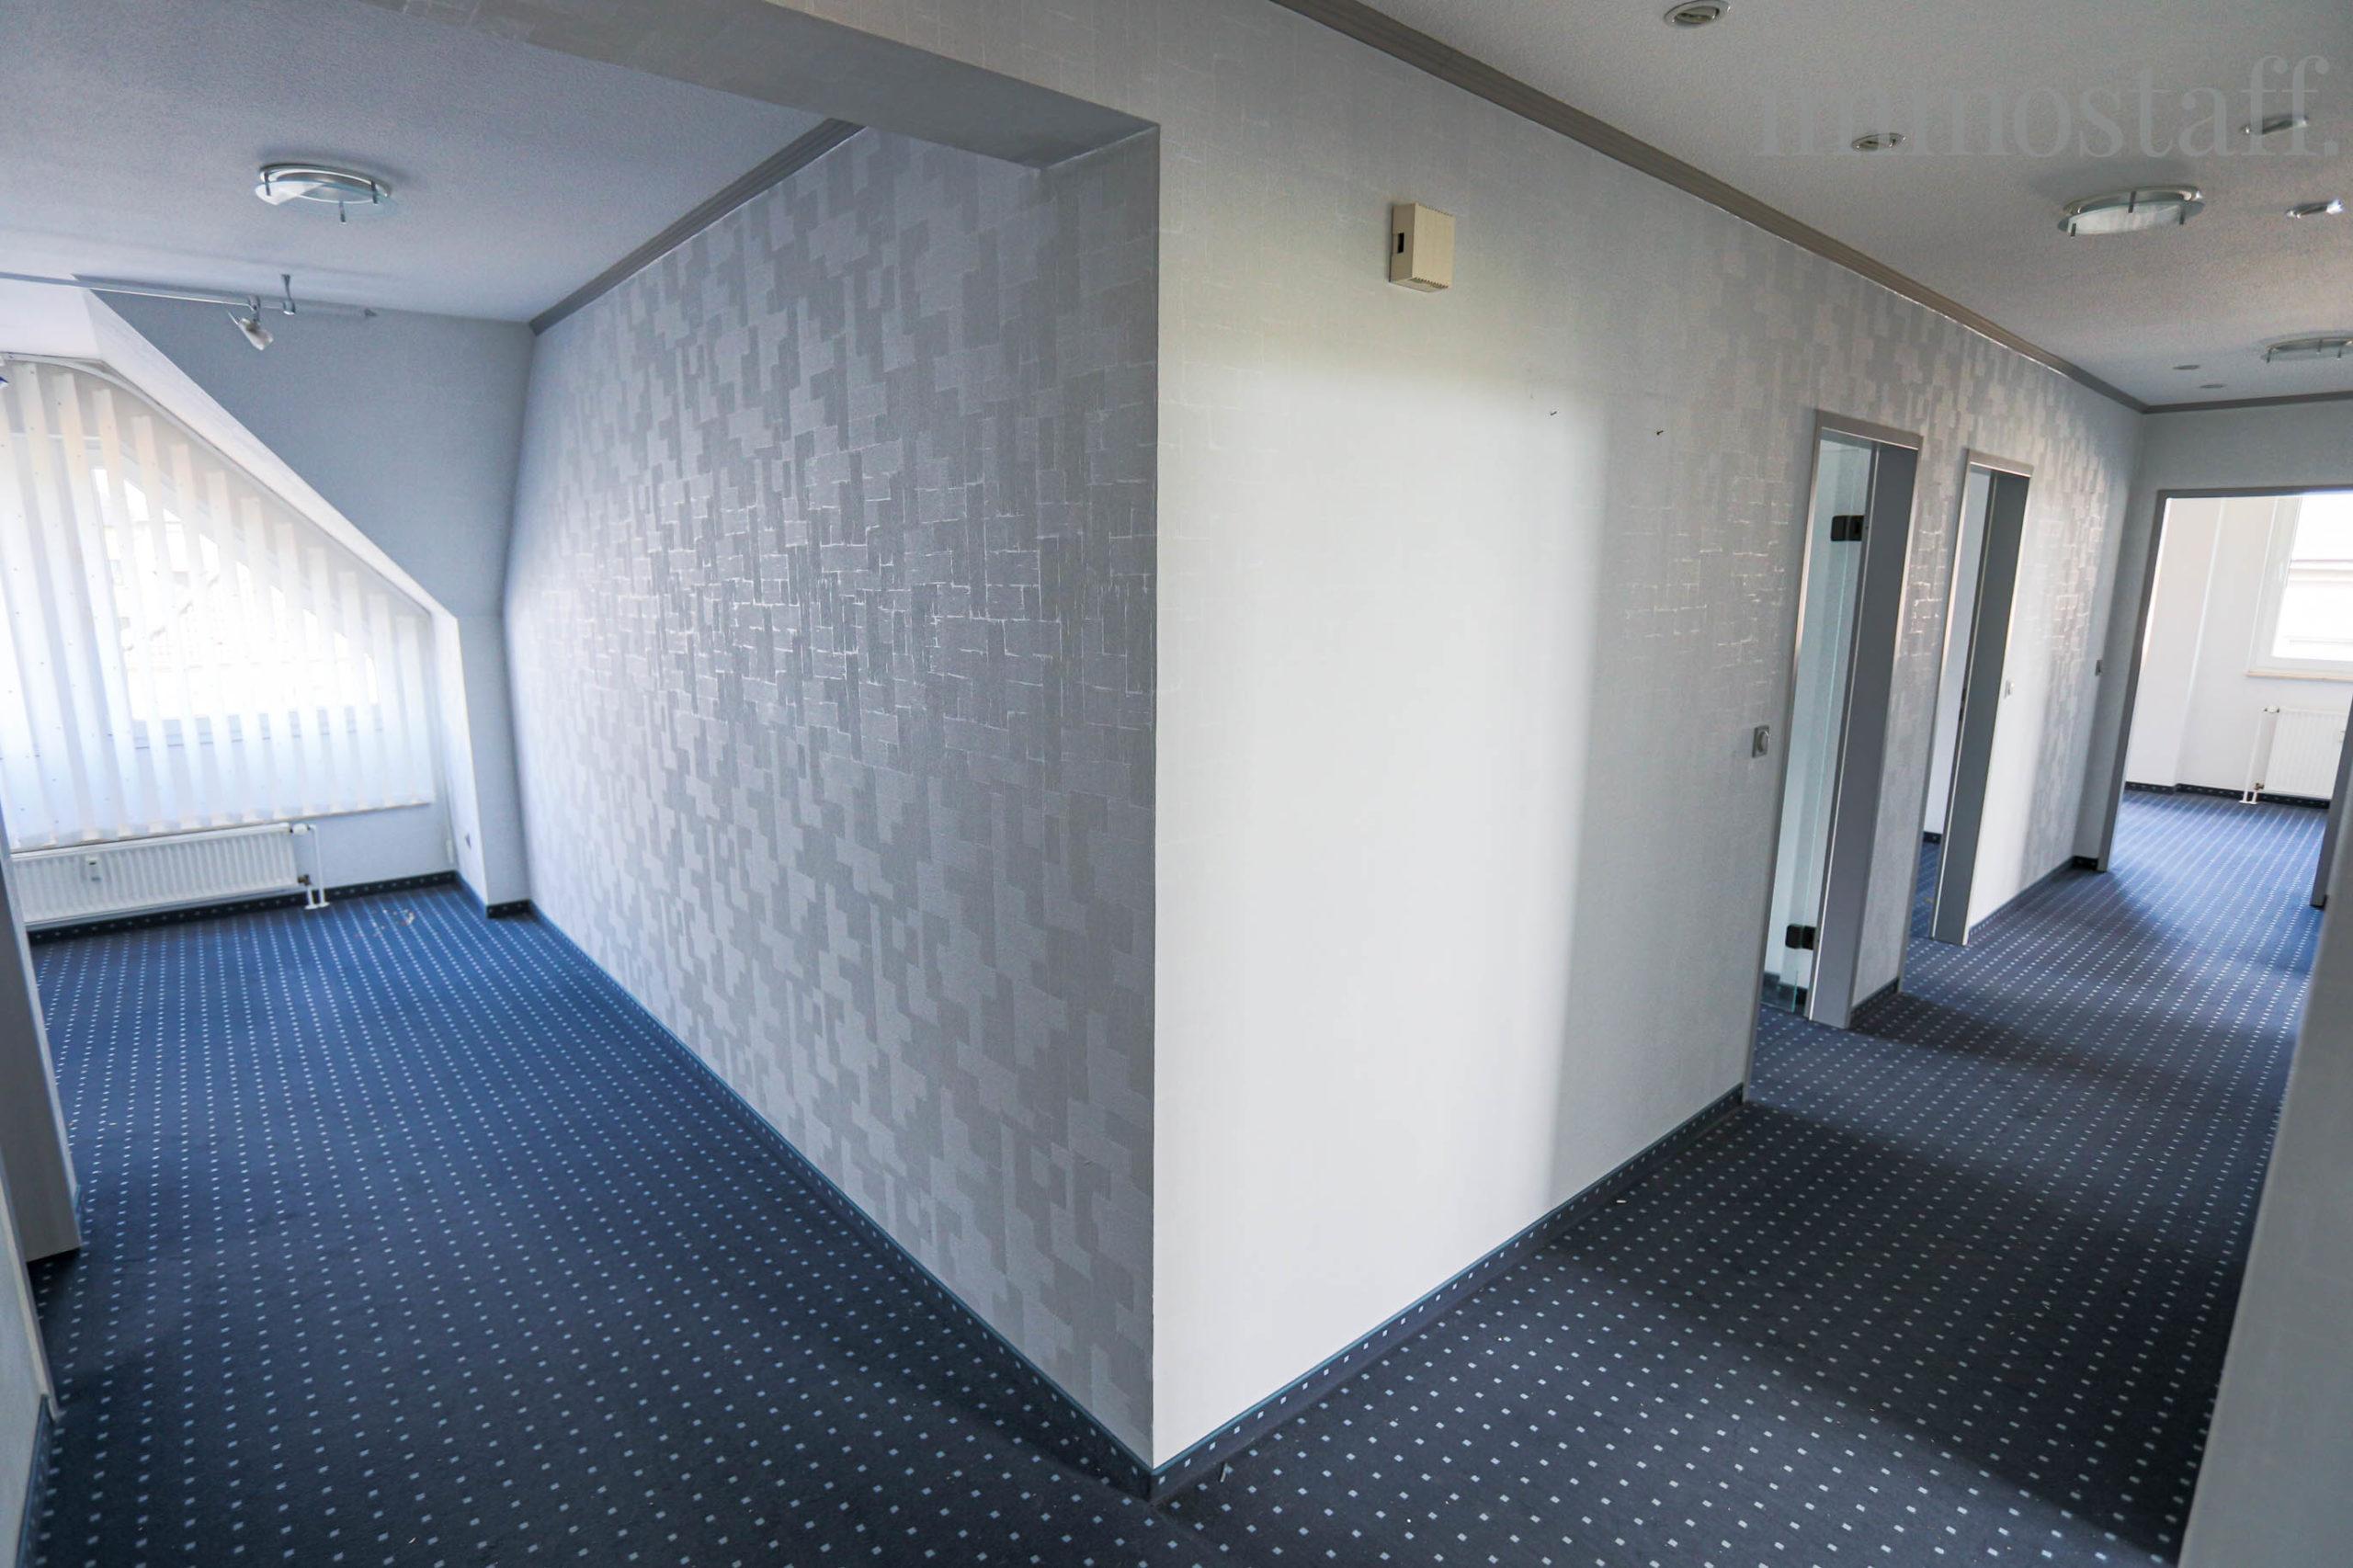 Barrierearme Büro-/Praxiseinheit in der City mit Fahrstuhl & Stellplätzen zu vermieten. PROVISIONSFREI!